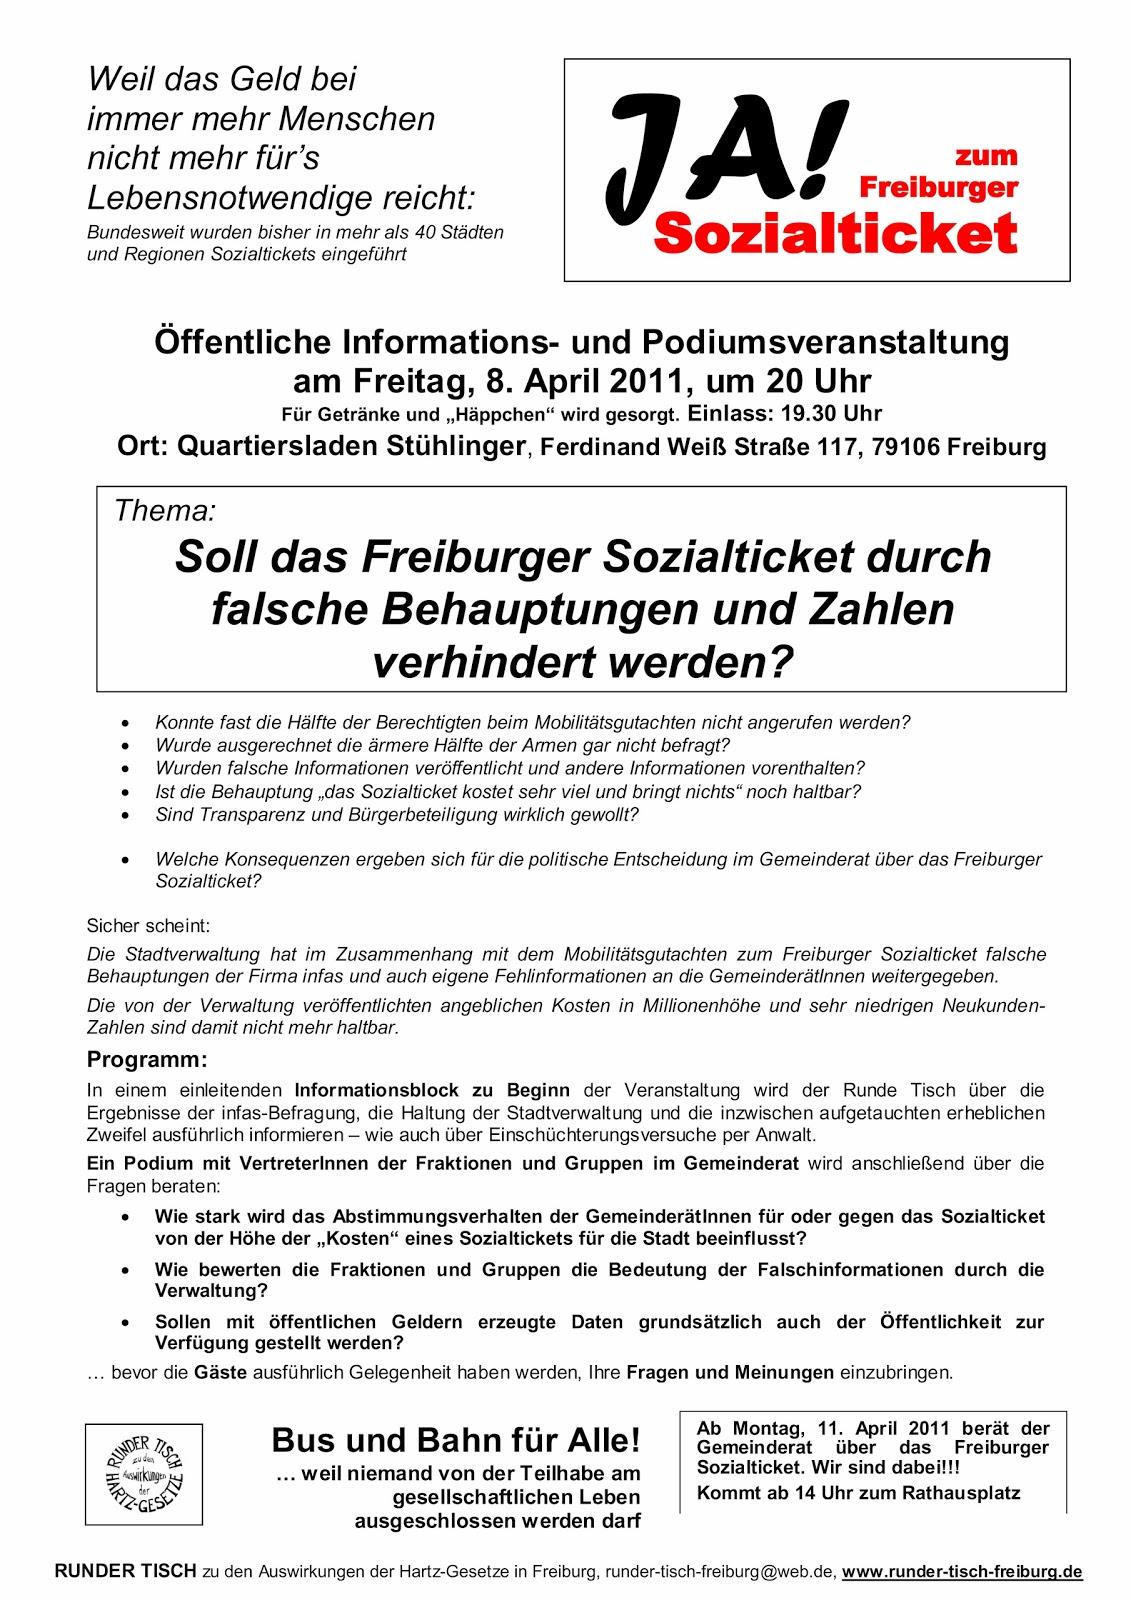 runder tisch freiburg: märz 2011 | hartz4 jobcenter mietobergrenze, Einladung